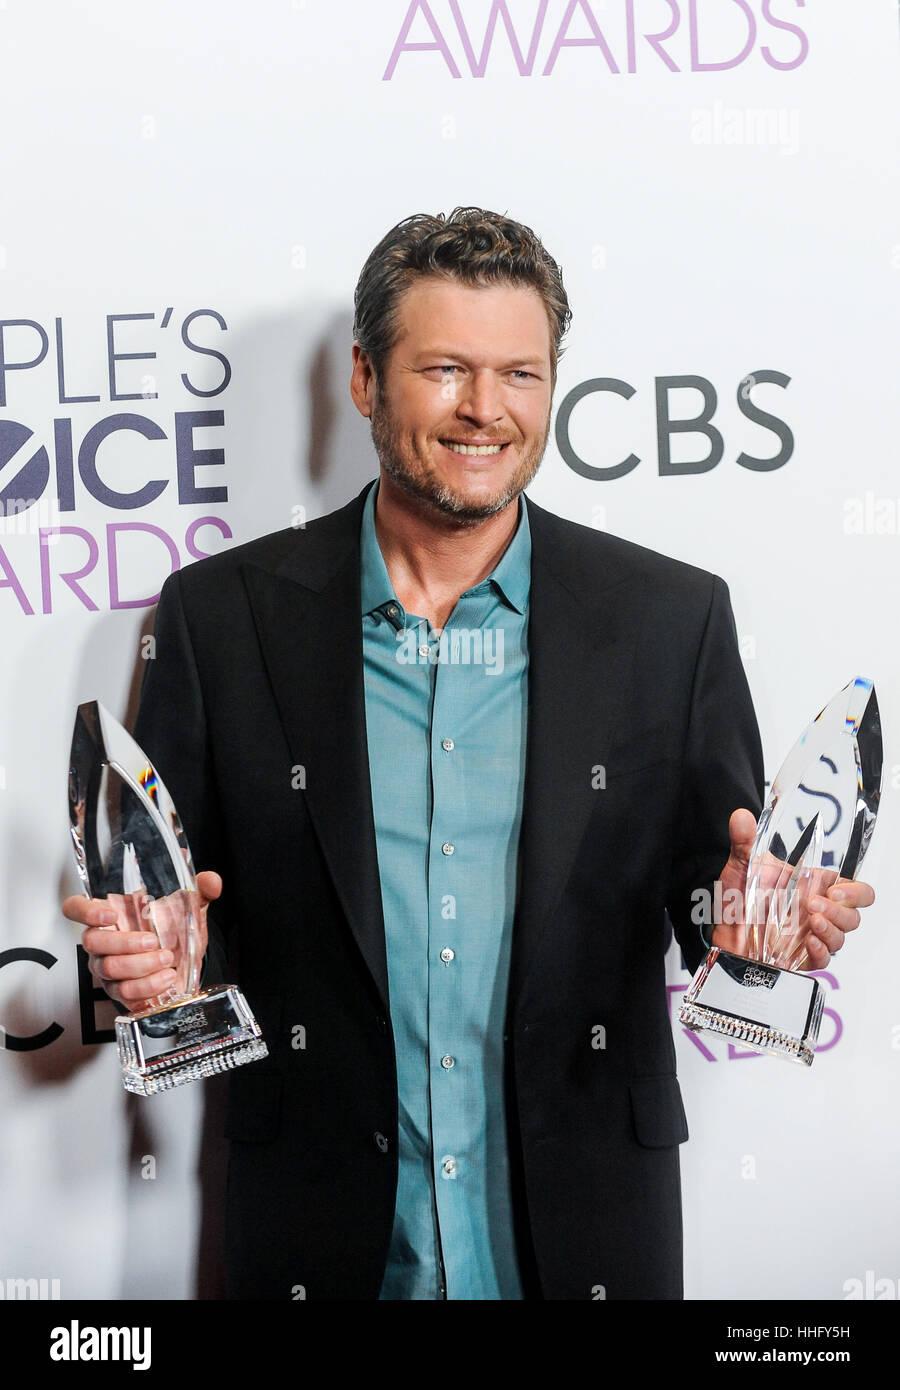 Los Angeles, Estados Unidos. 18 ene, 2017. Blake Shelton posa con los premios por país favorito cantante masculino Imagen De Stock